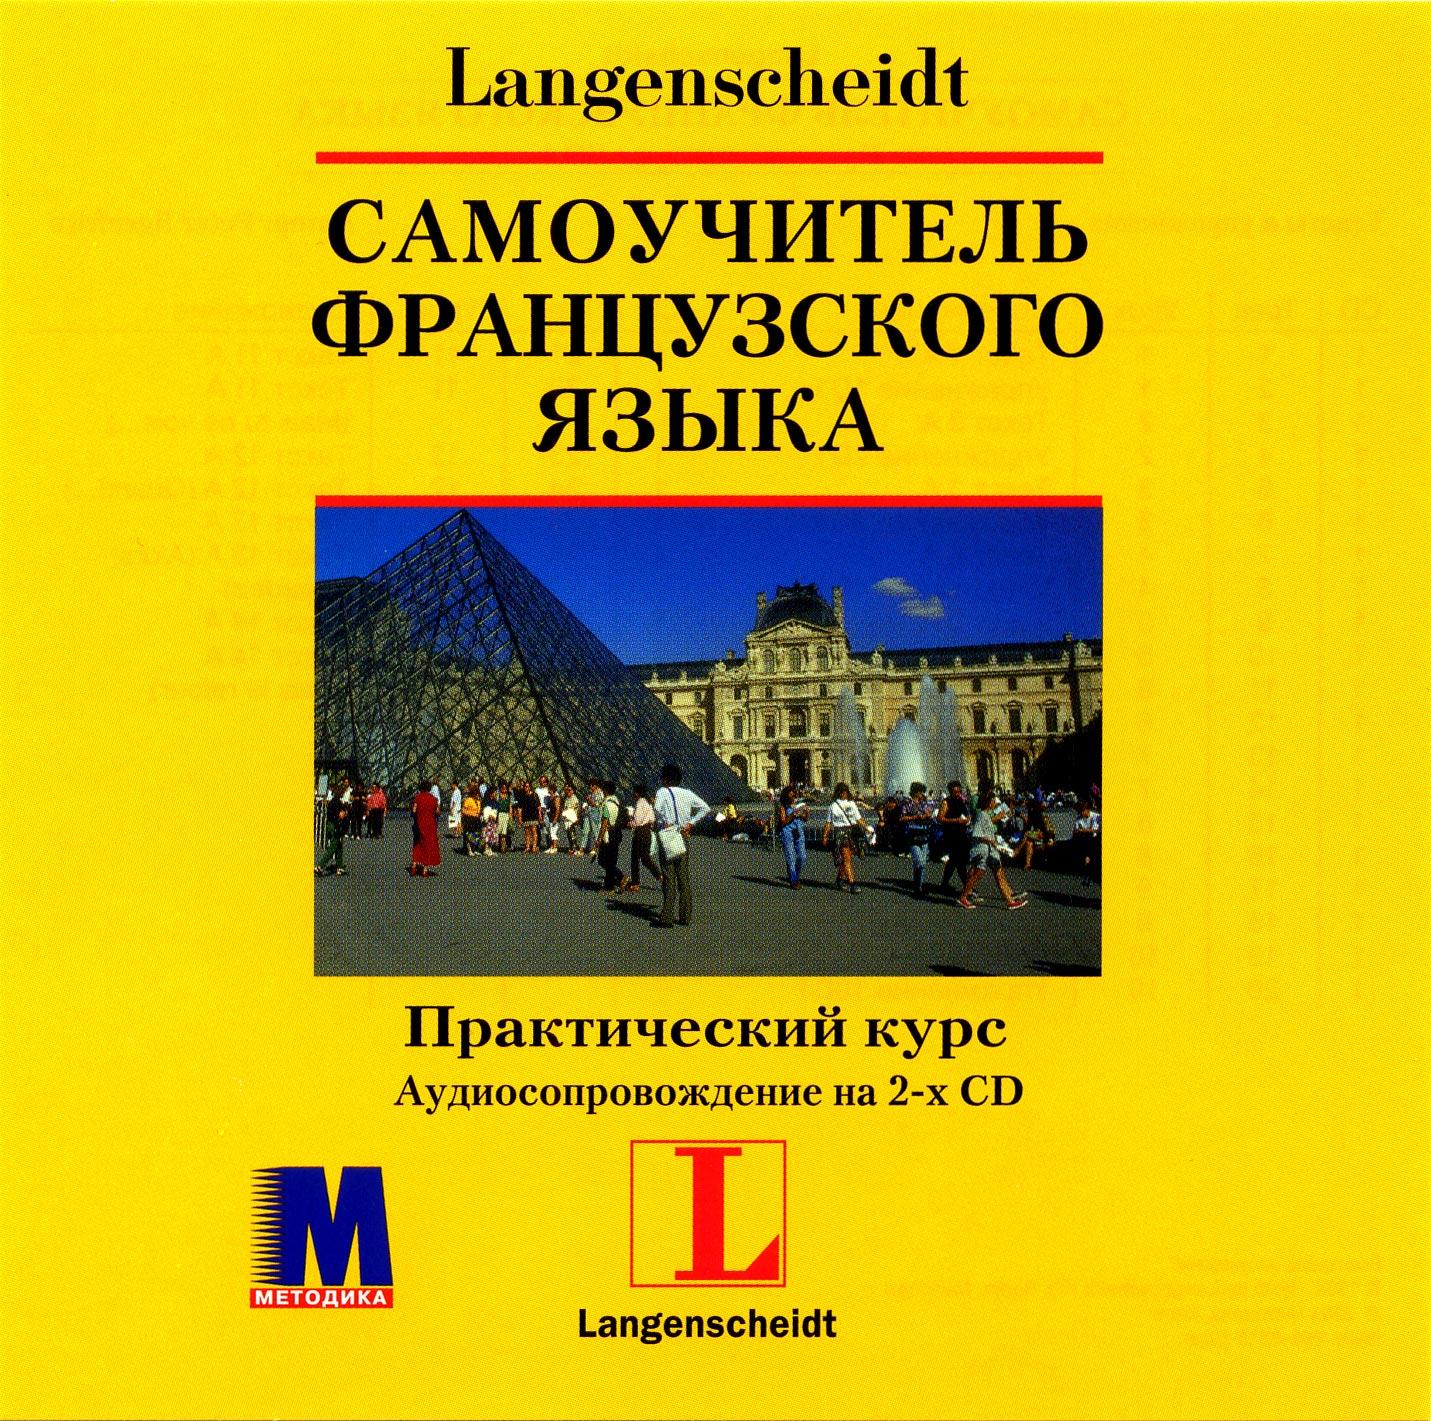 Самоучитель французского языка для начинающих скачать бесплатно